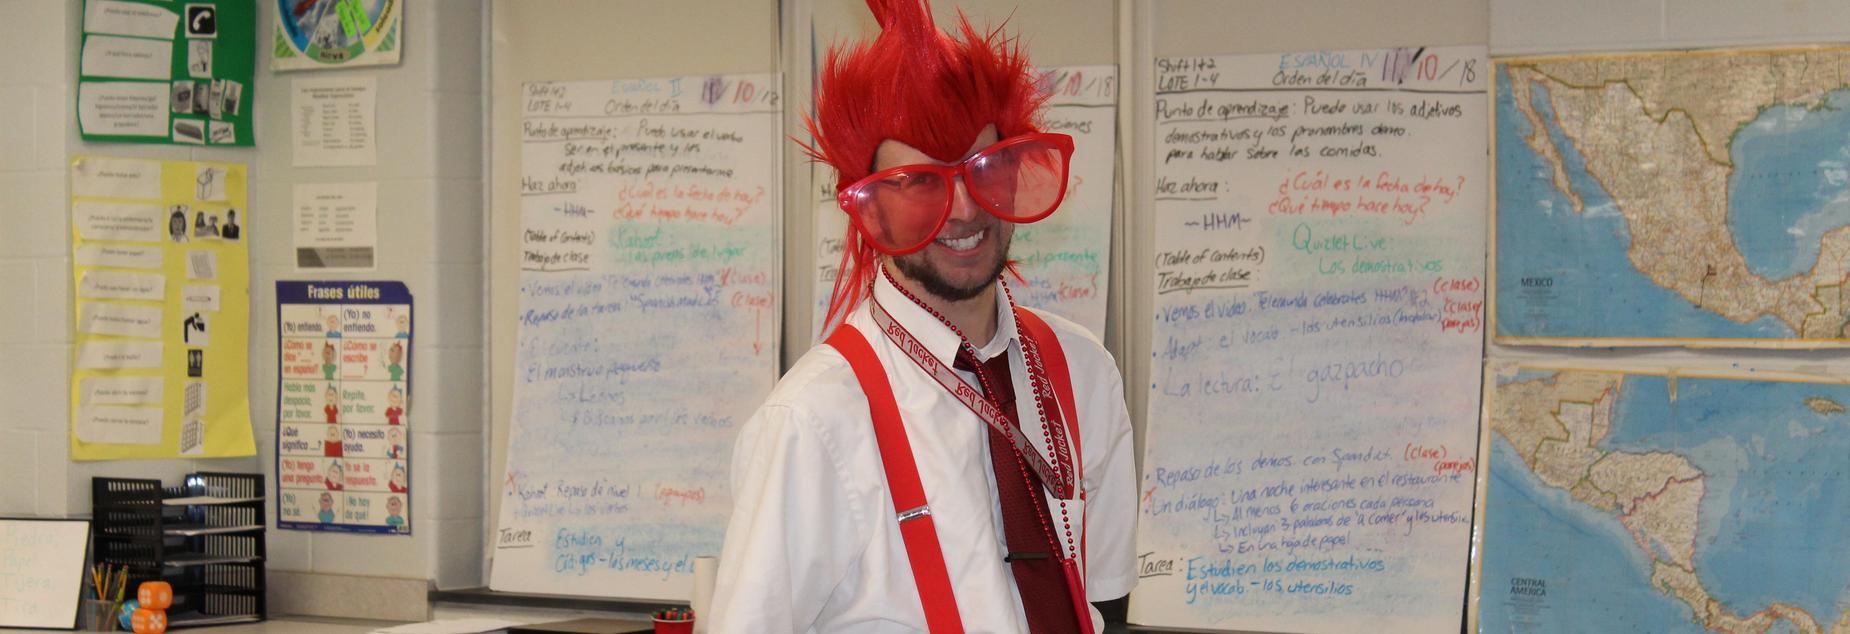 mr. hoffman